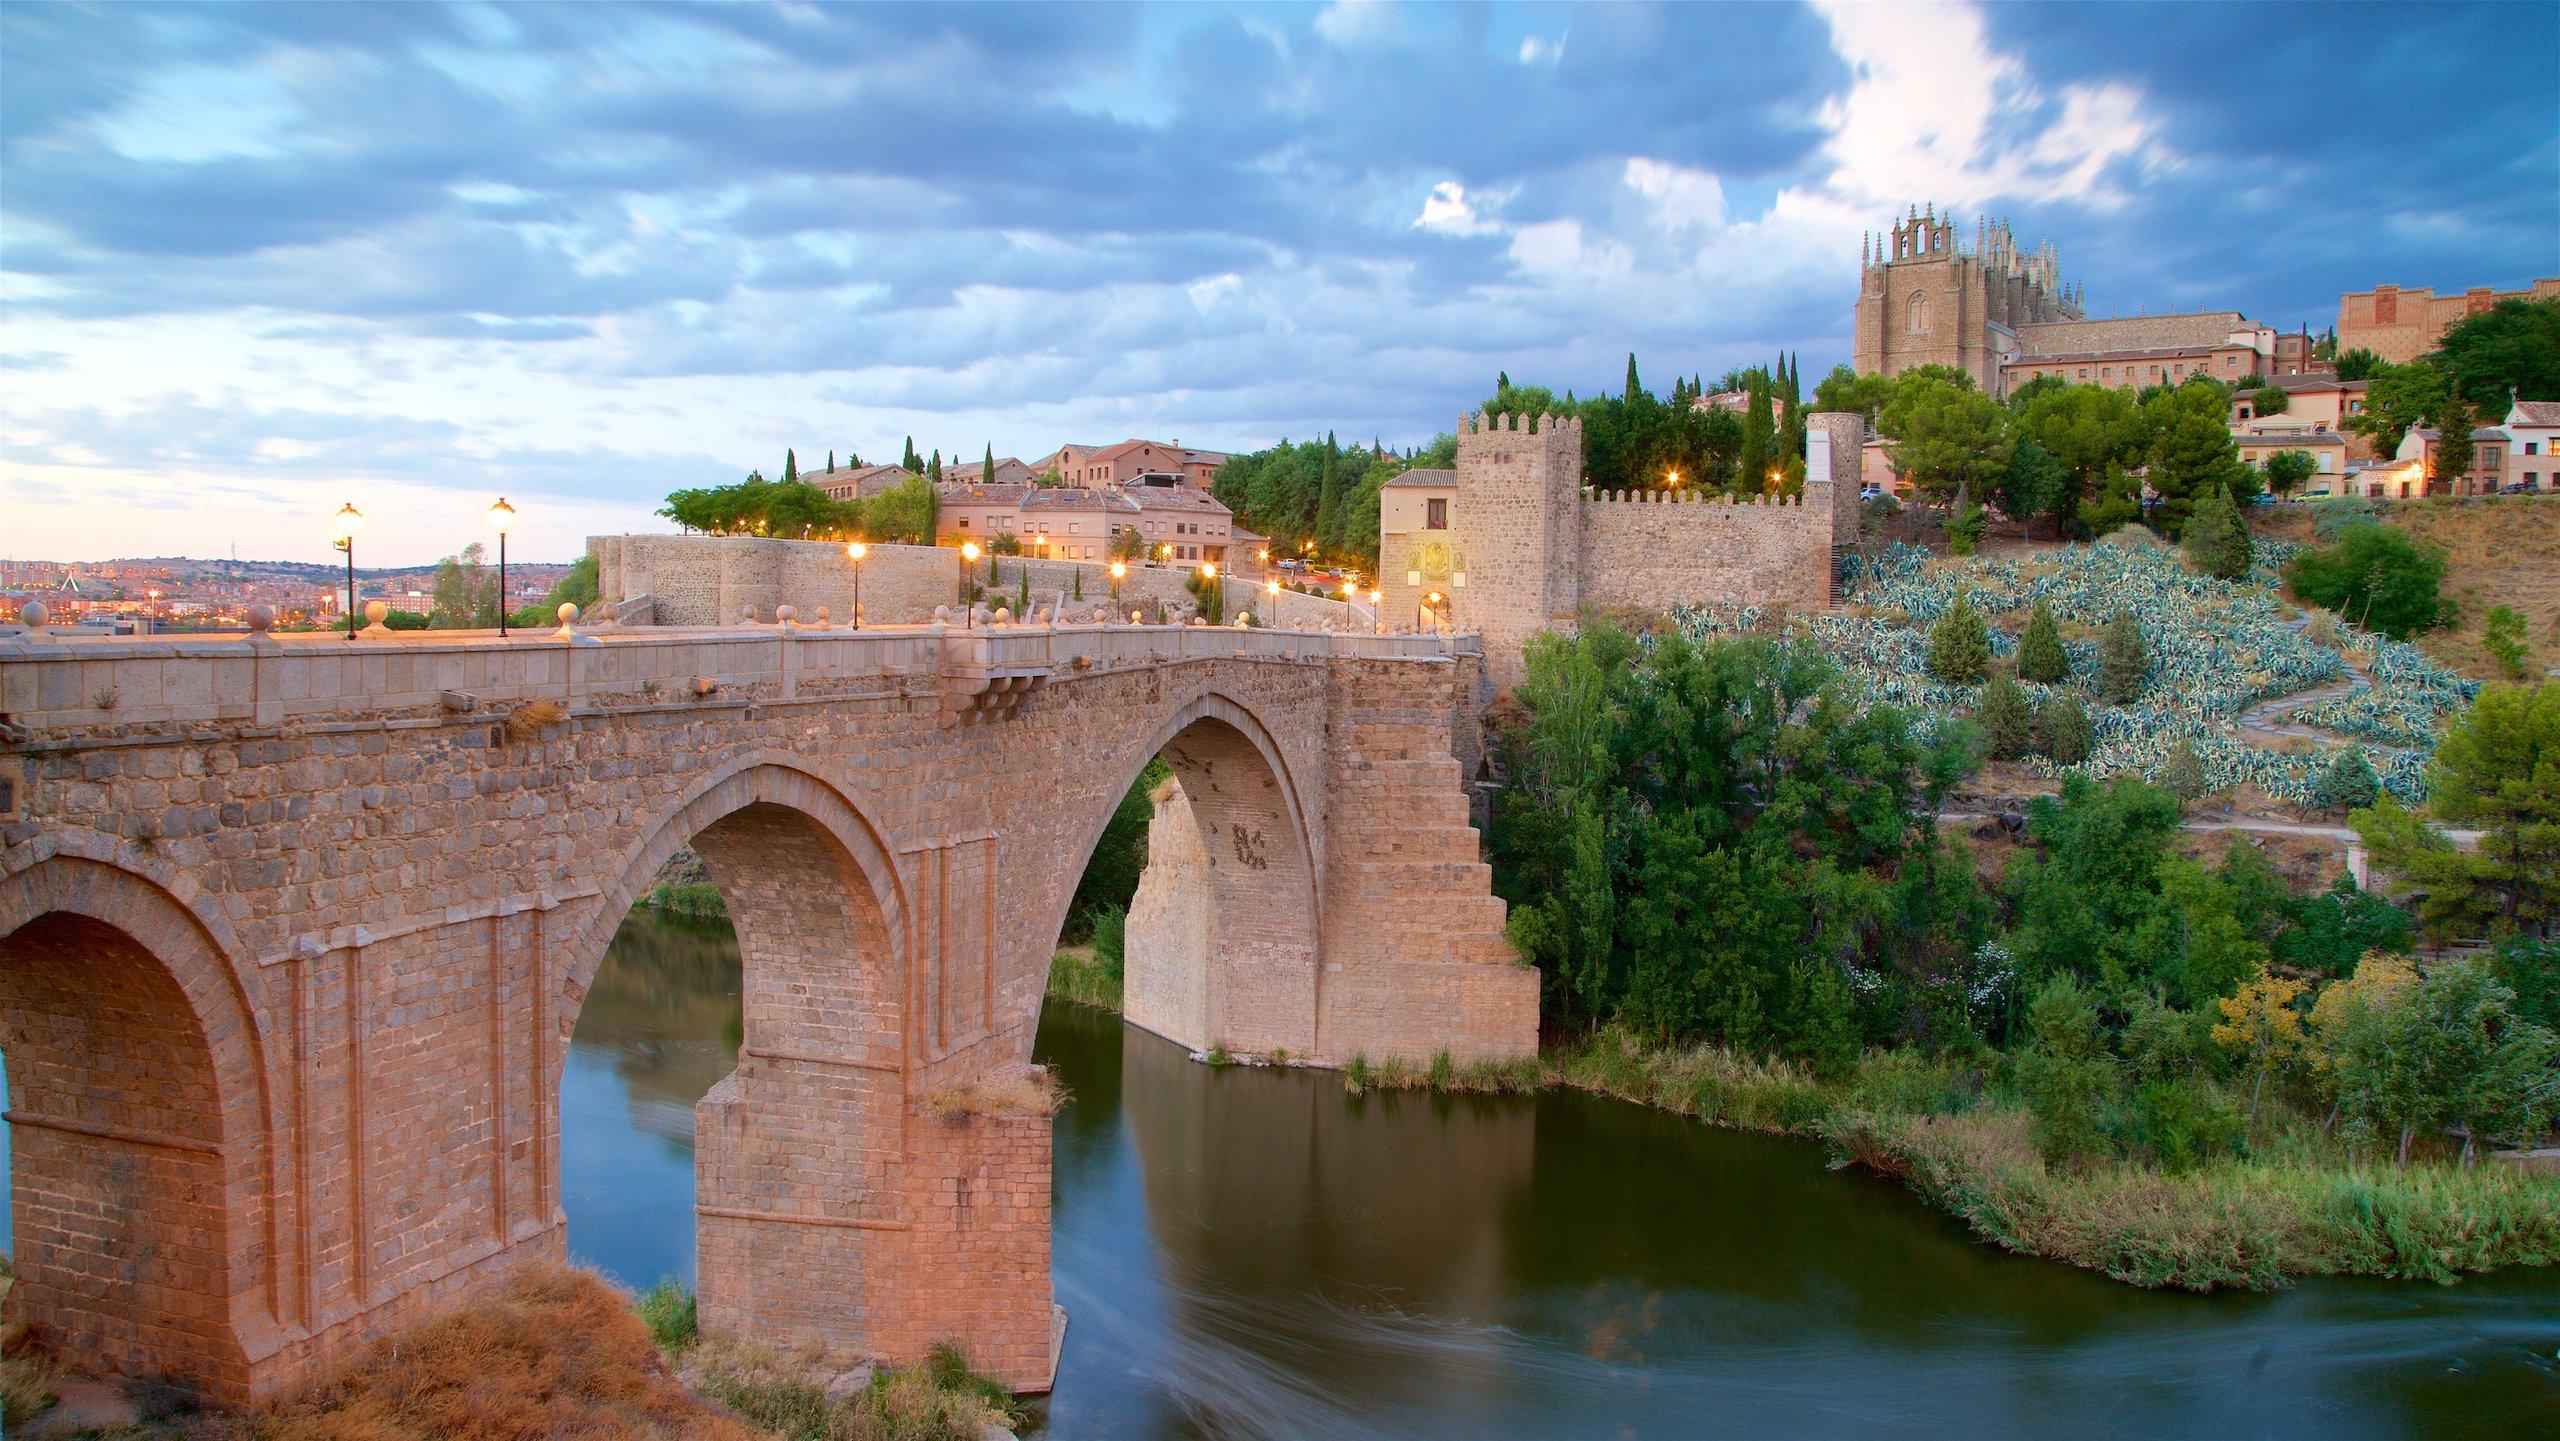 Castilla - La Mancha, Spain